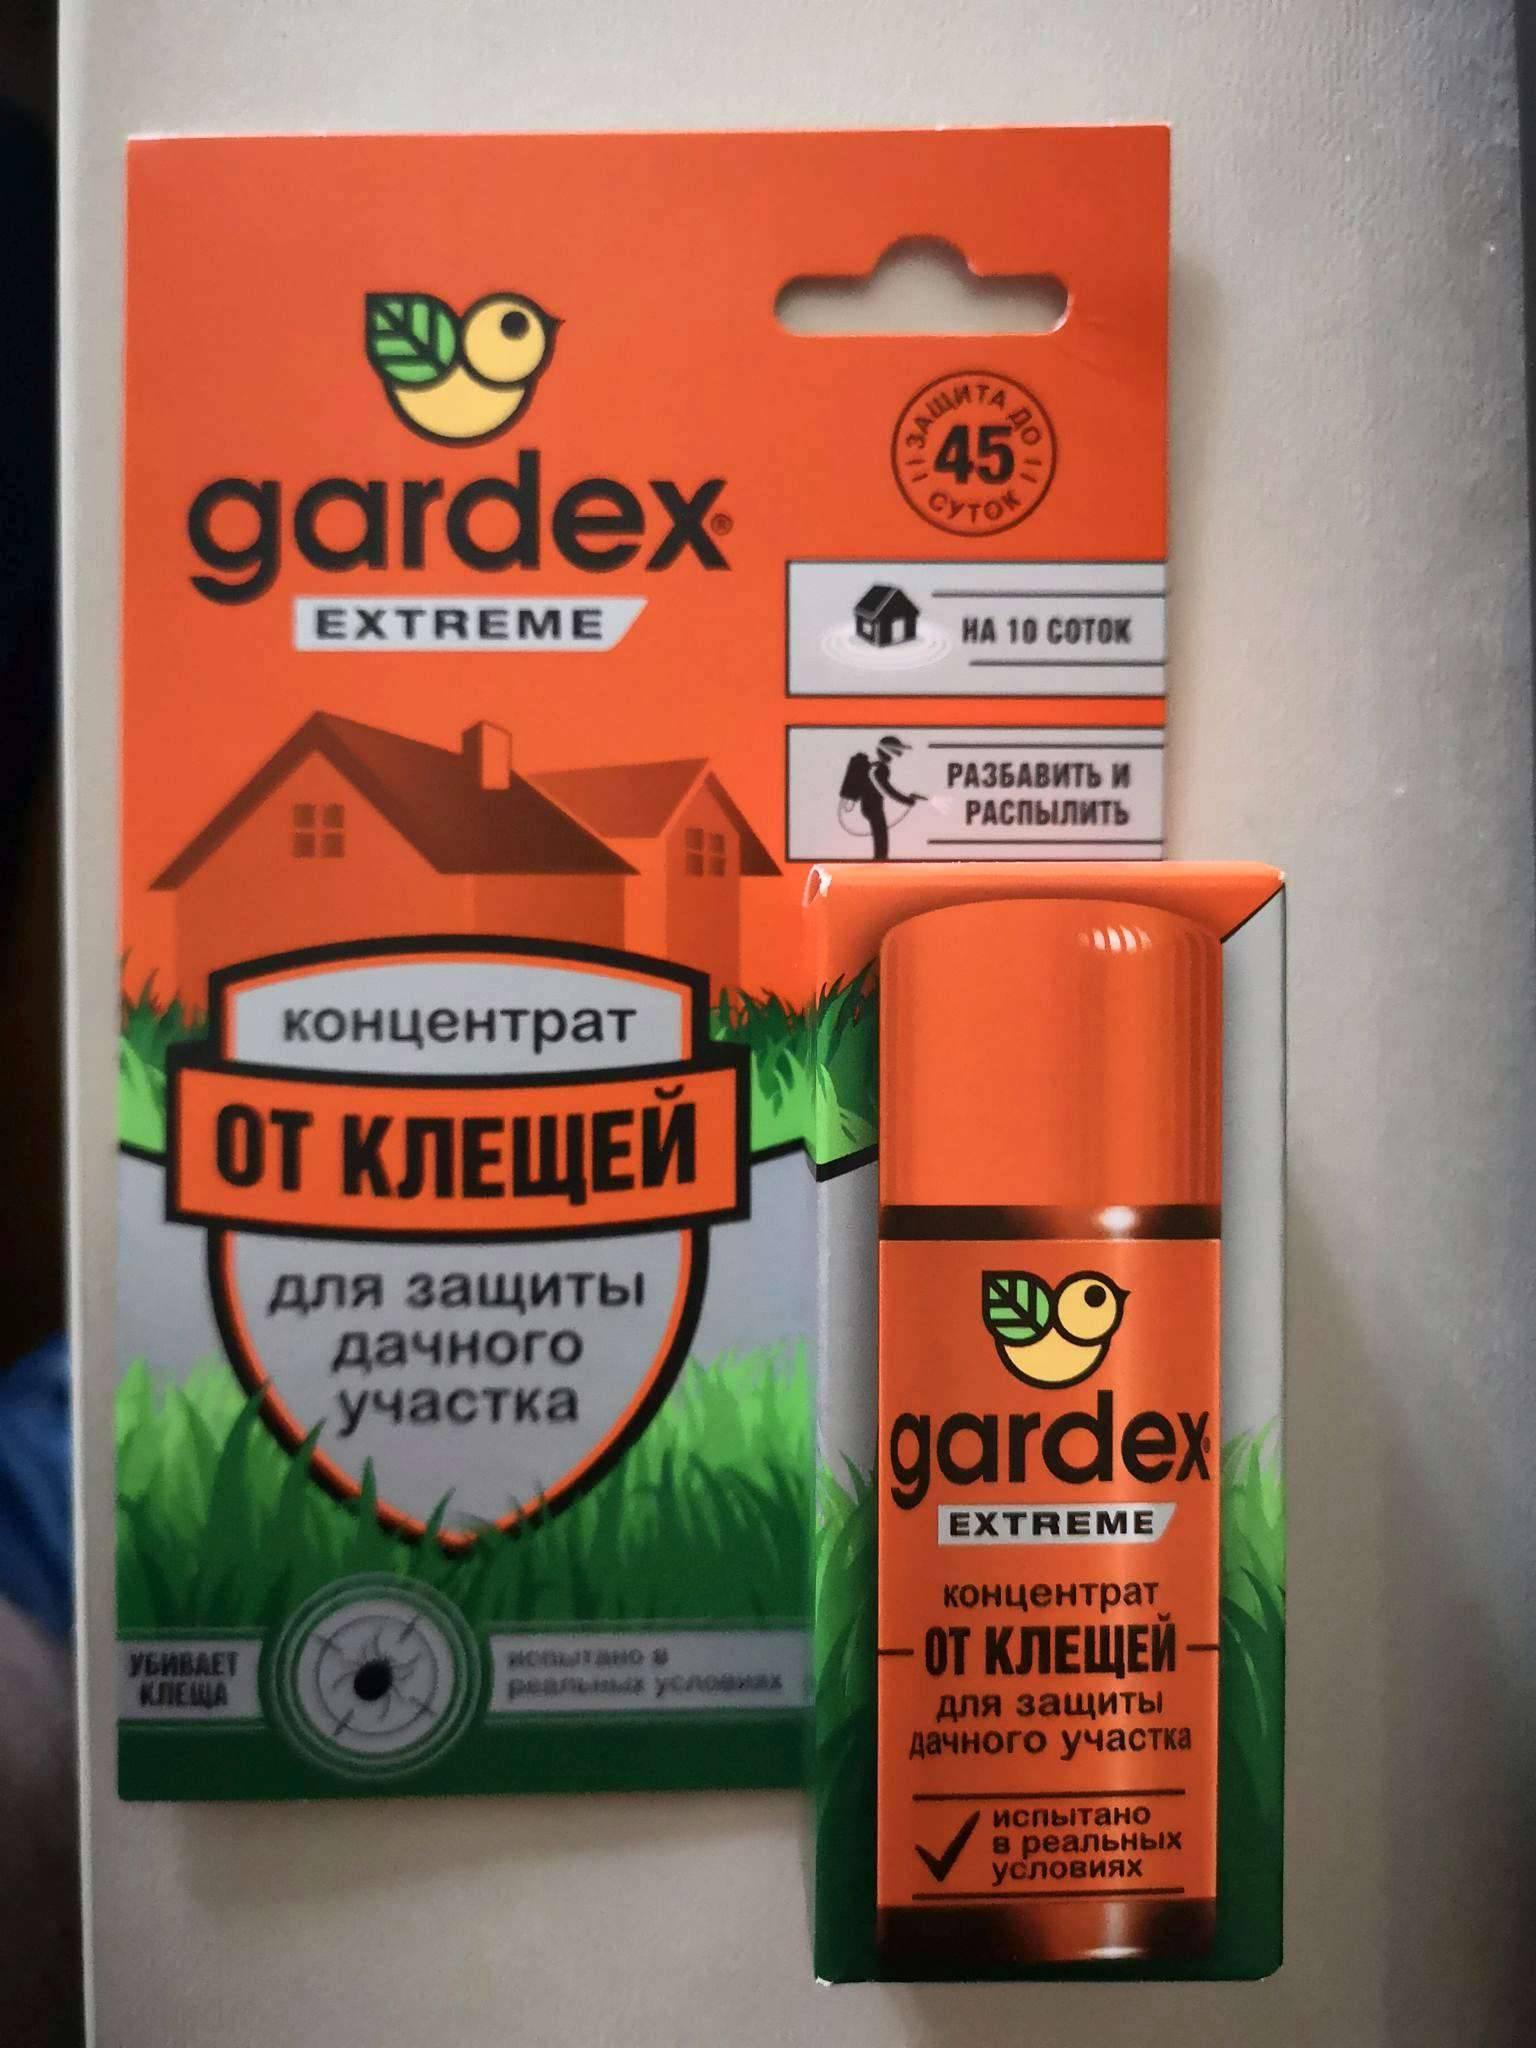 Gardex (гардекс) baby аэрозоль от клещей и комаров 100мл